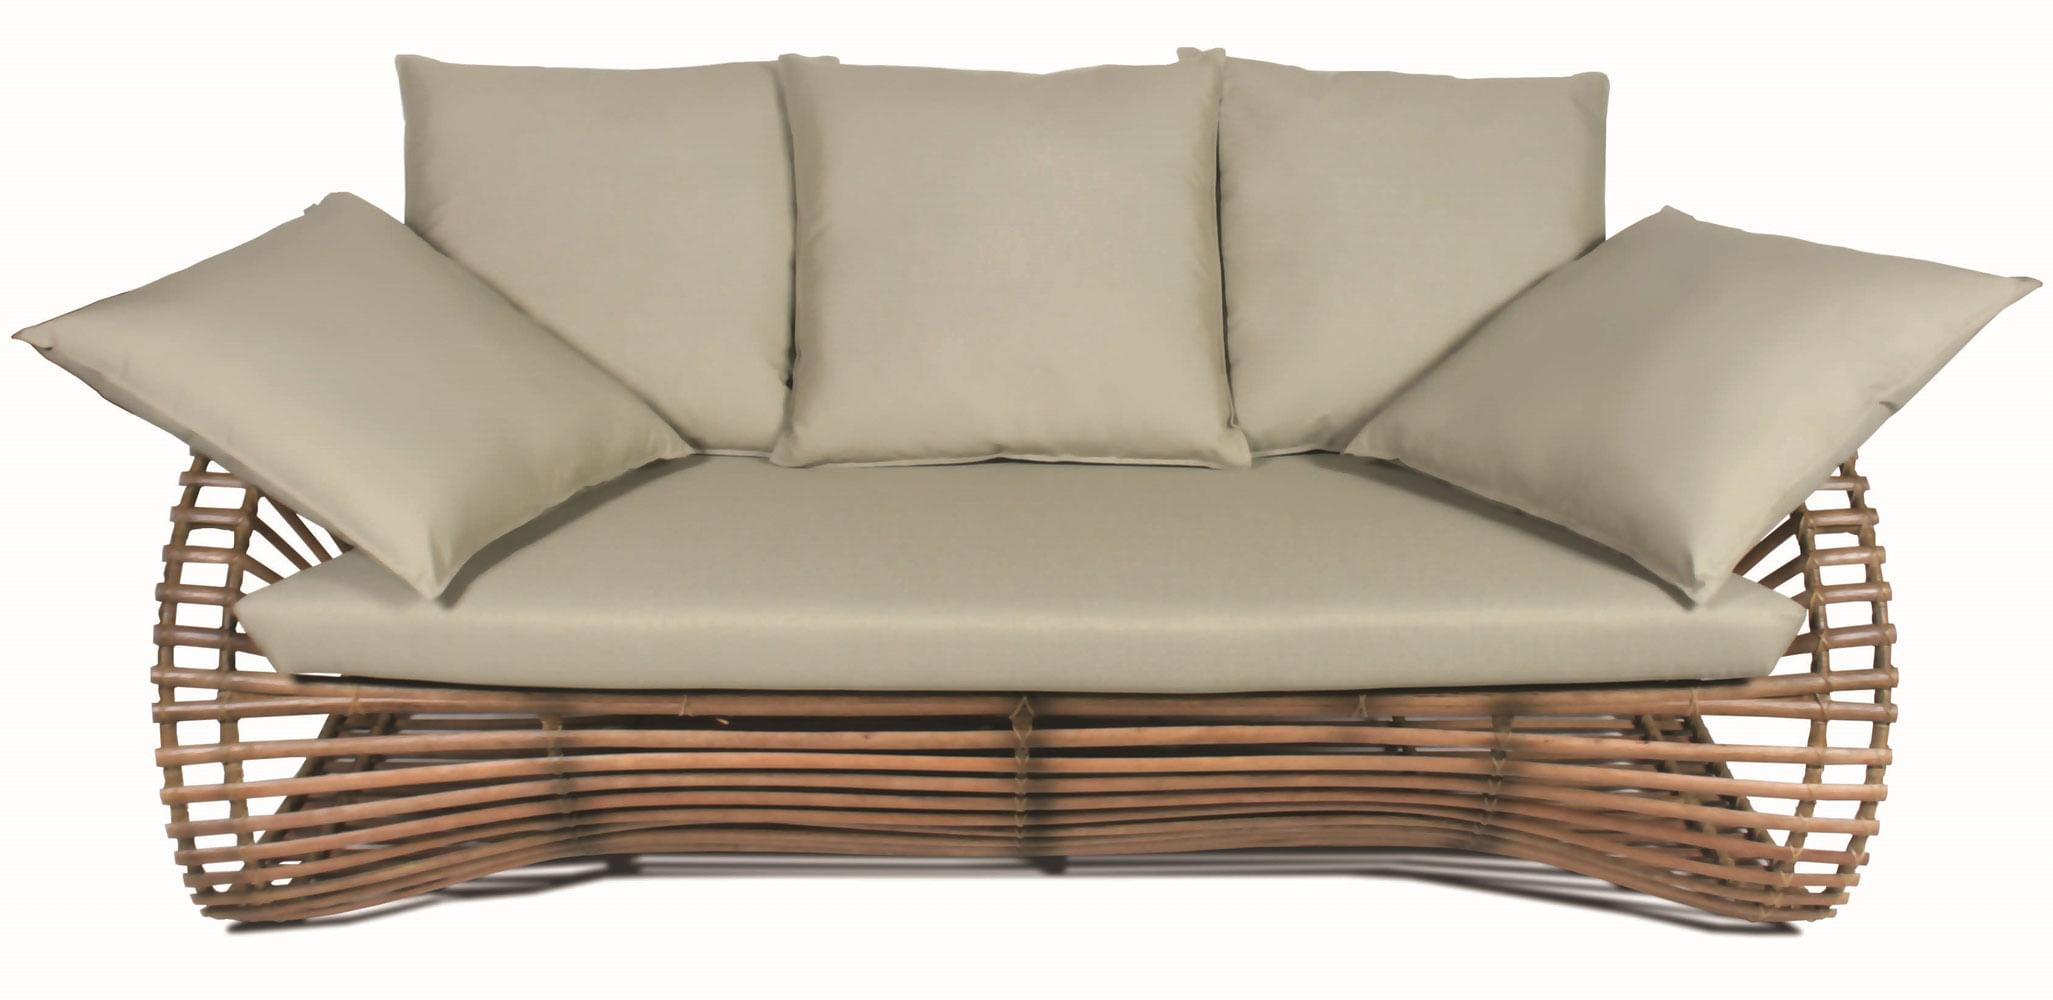 Sofa Salem 3 Lugares Assento cor Fendi com Estrutura Madeira Apui - 44781